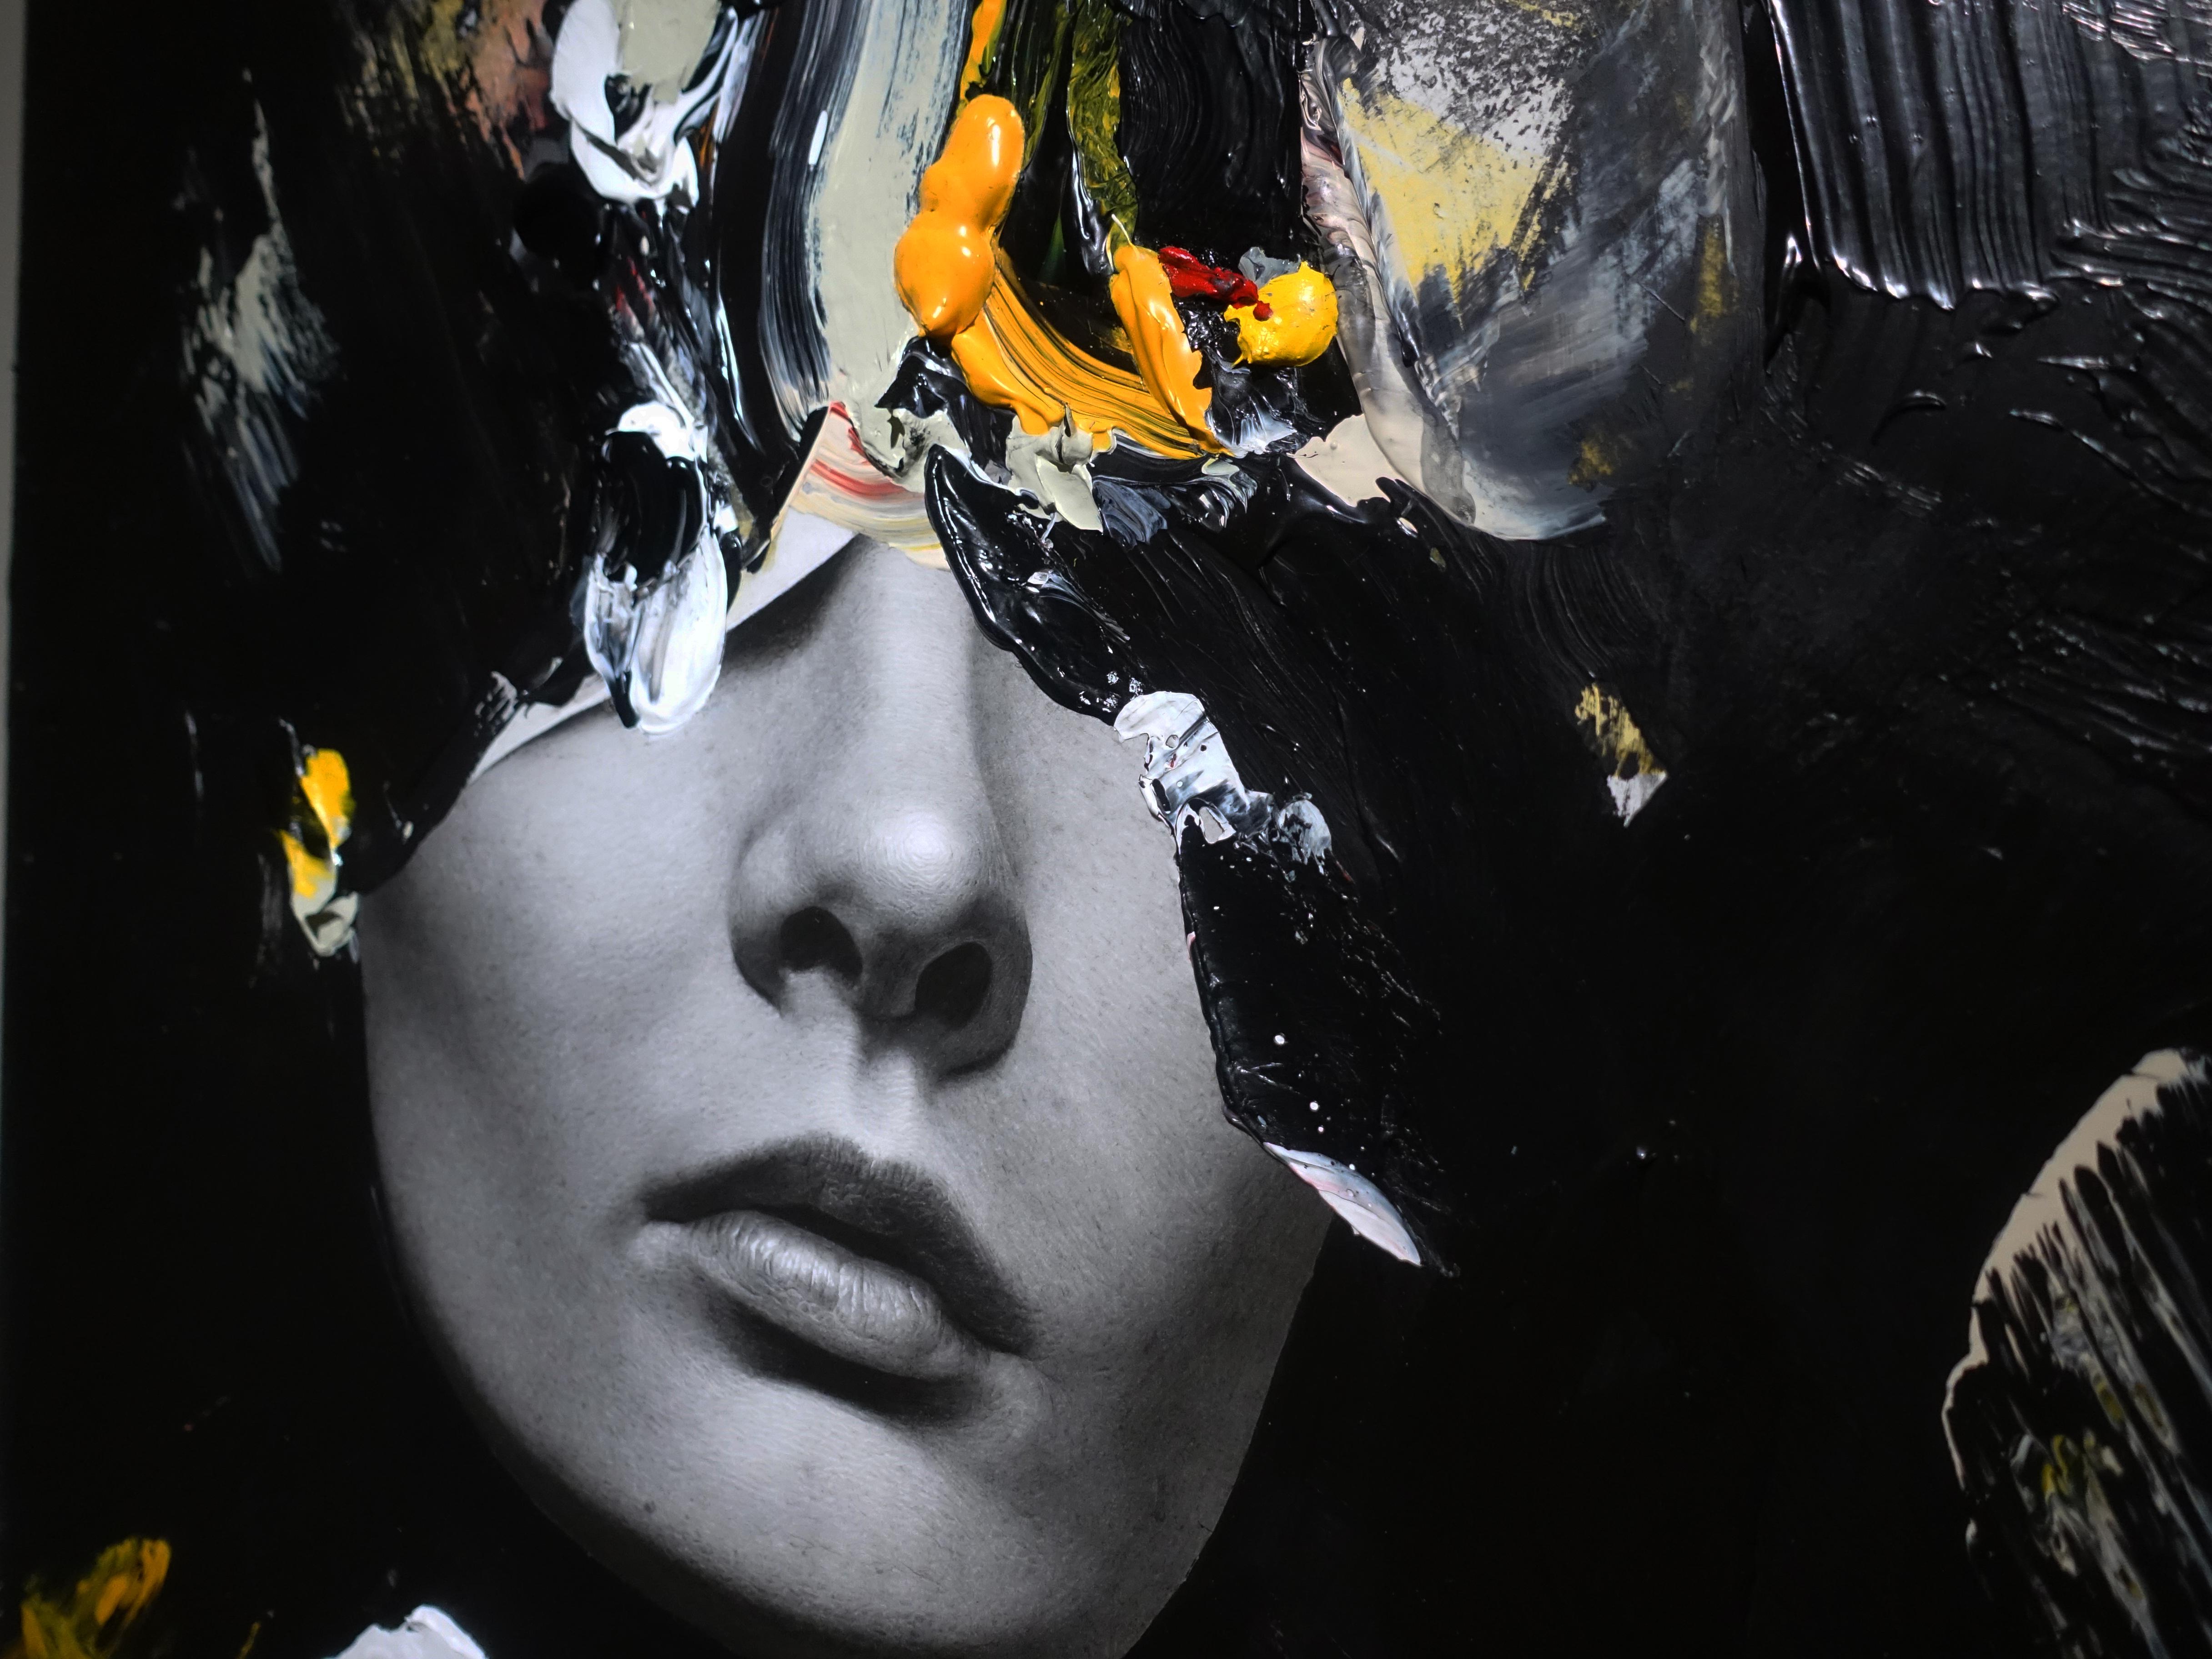 佐藤誠高,《Star》細節,53 x 45.5 cm,鉛筆、壓克力、紙、木板,2019。